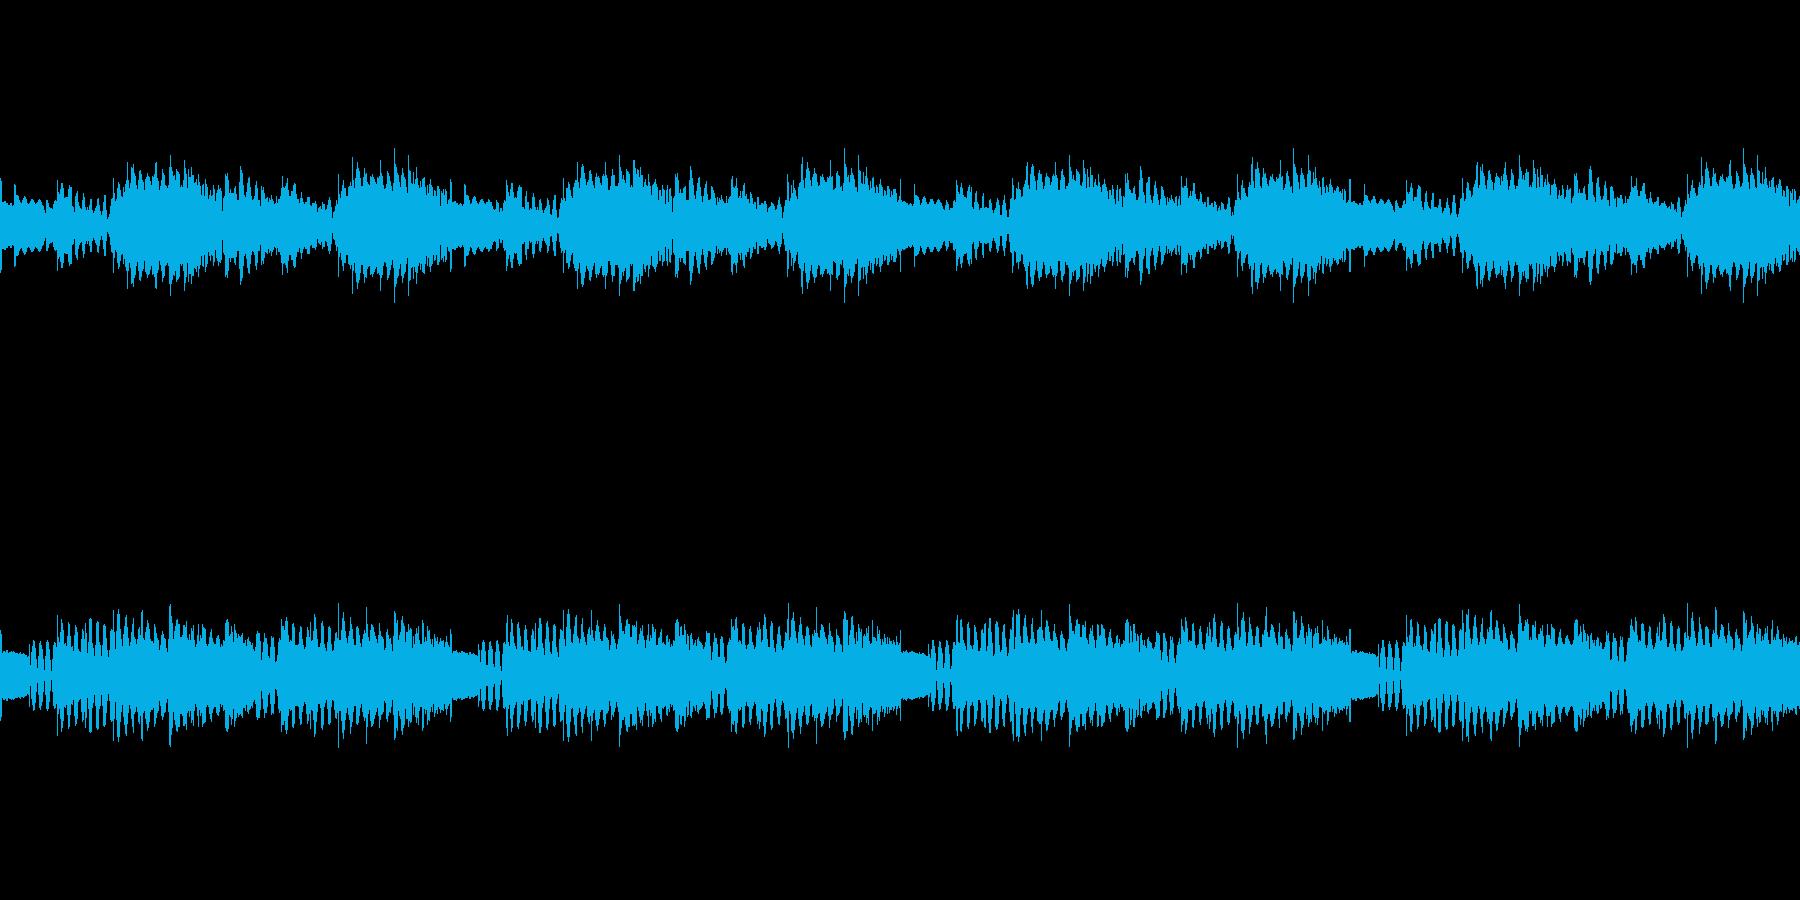 【ホラー/怪談/悲しいシーンに】の再生済みの波形